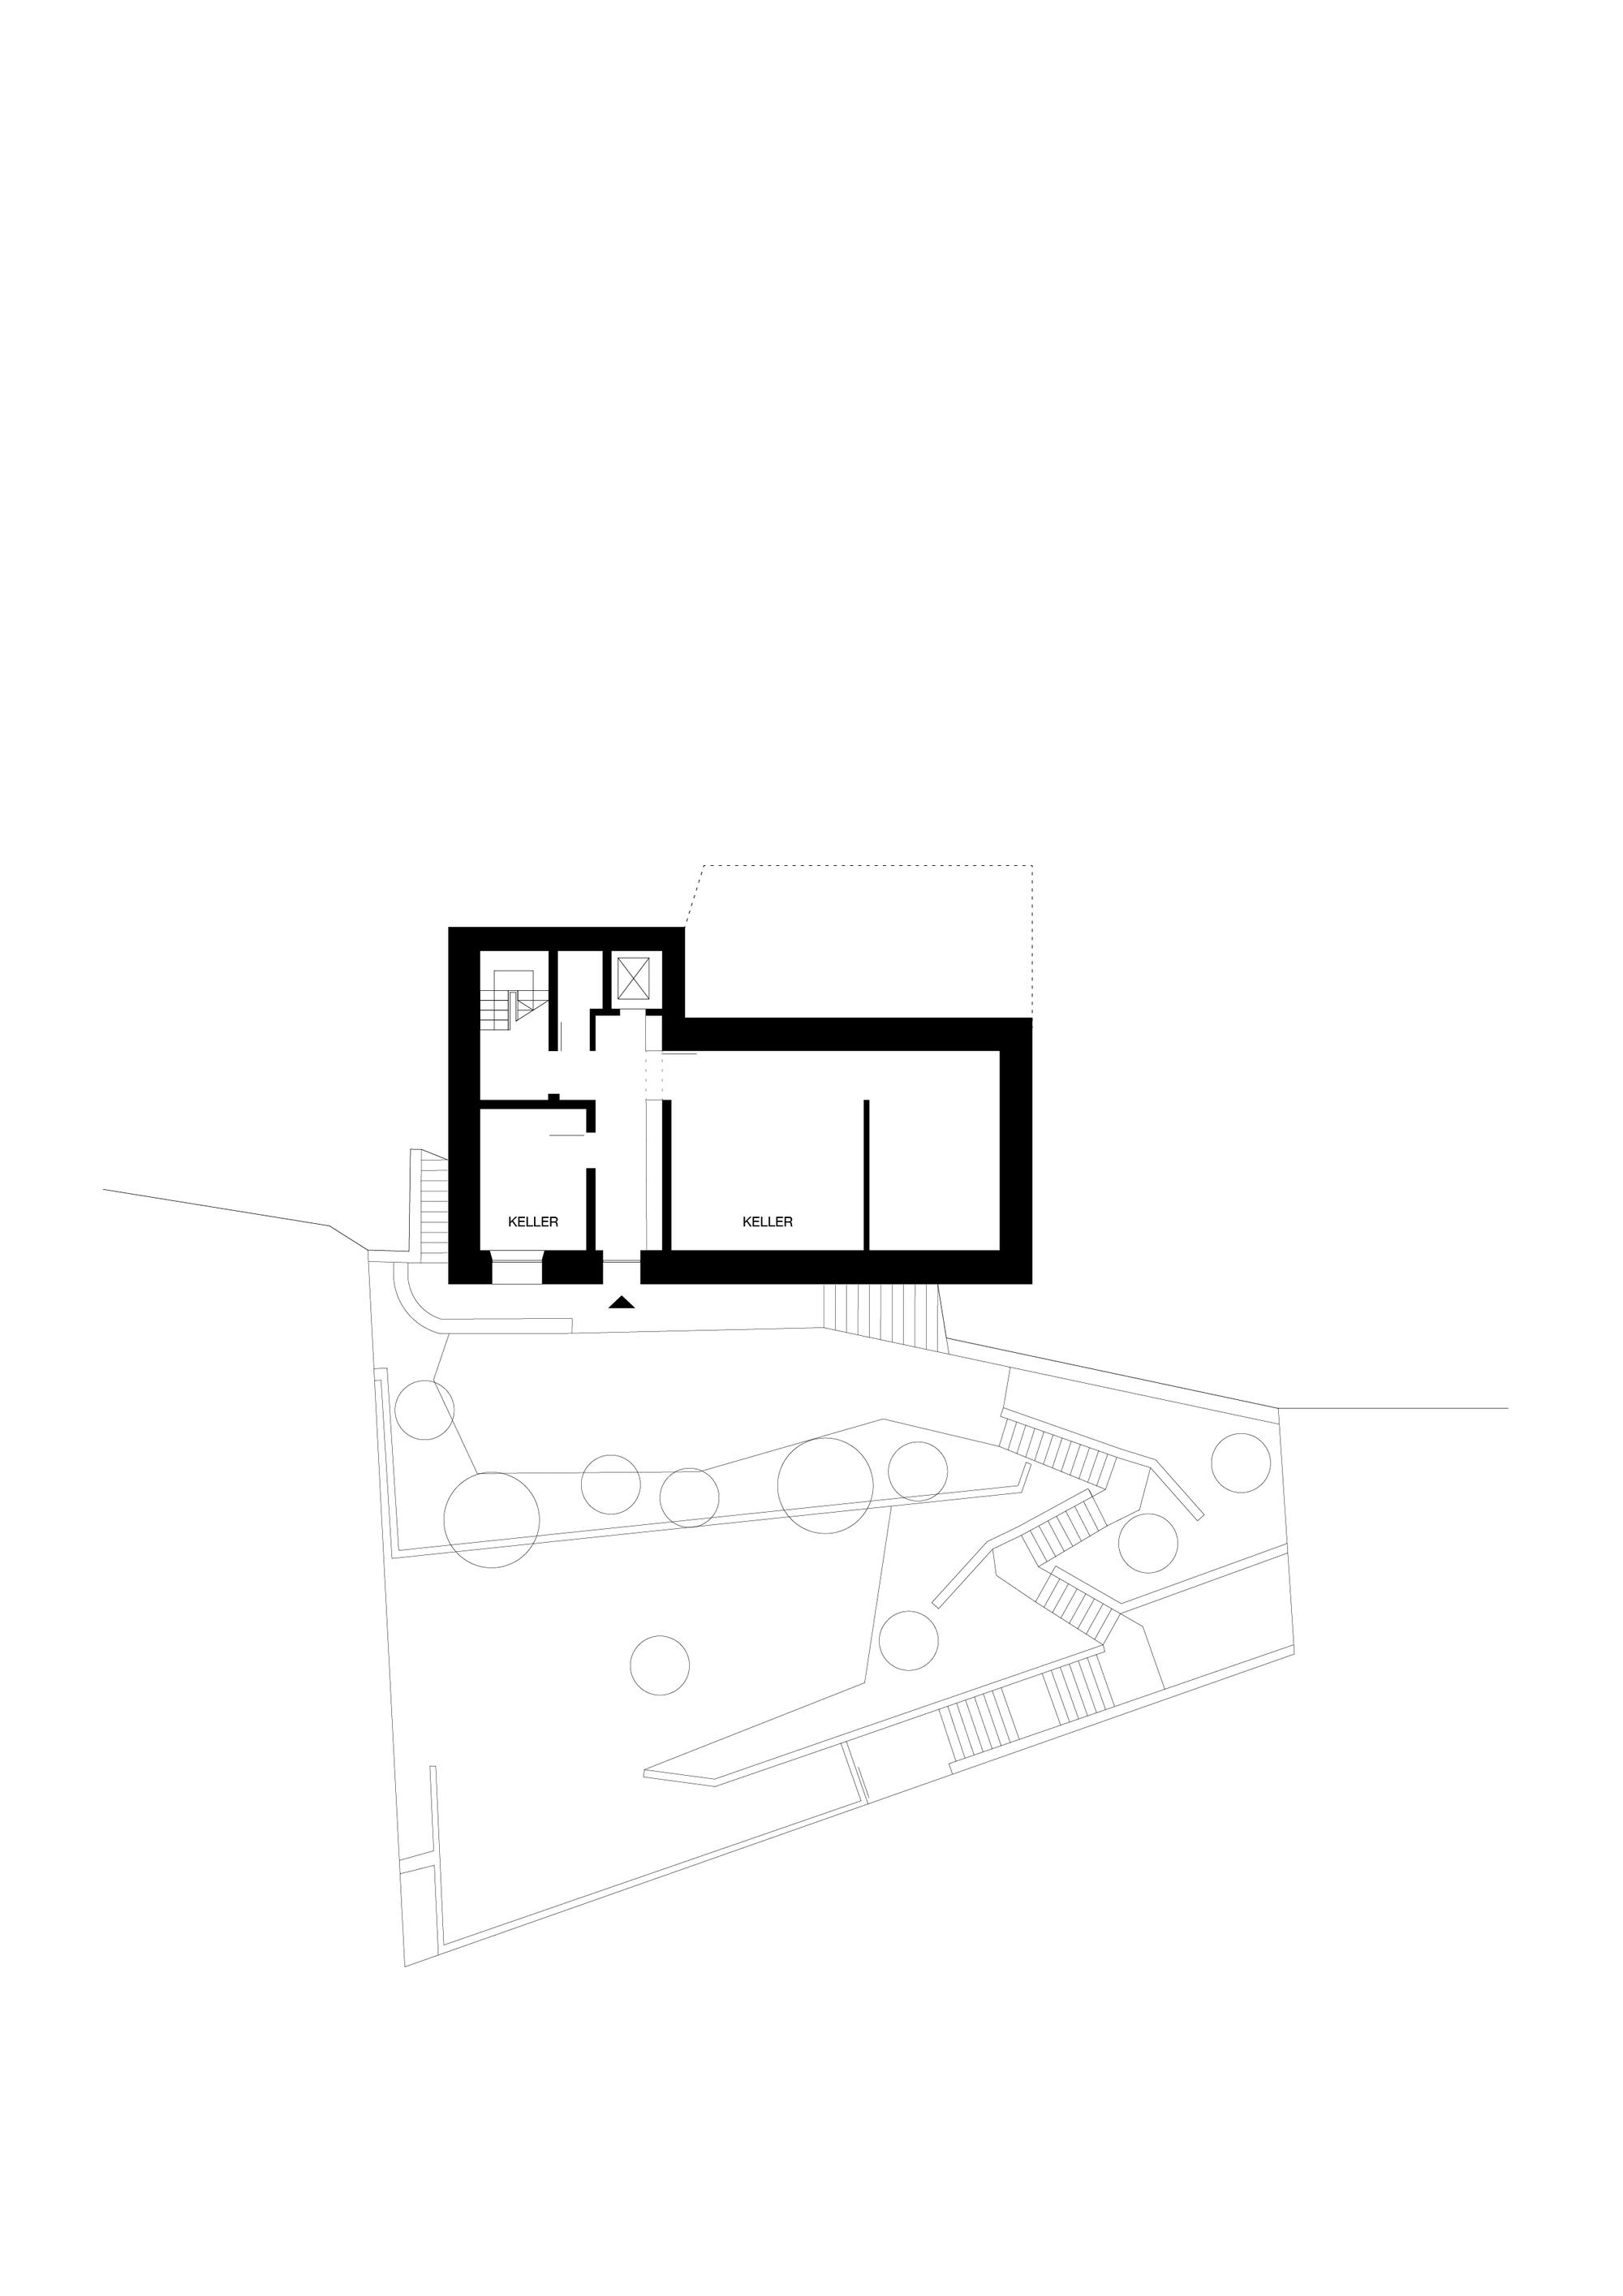 Galer a de haus b yonder architektur und design 17 for Architektur und design zeitschrift